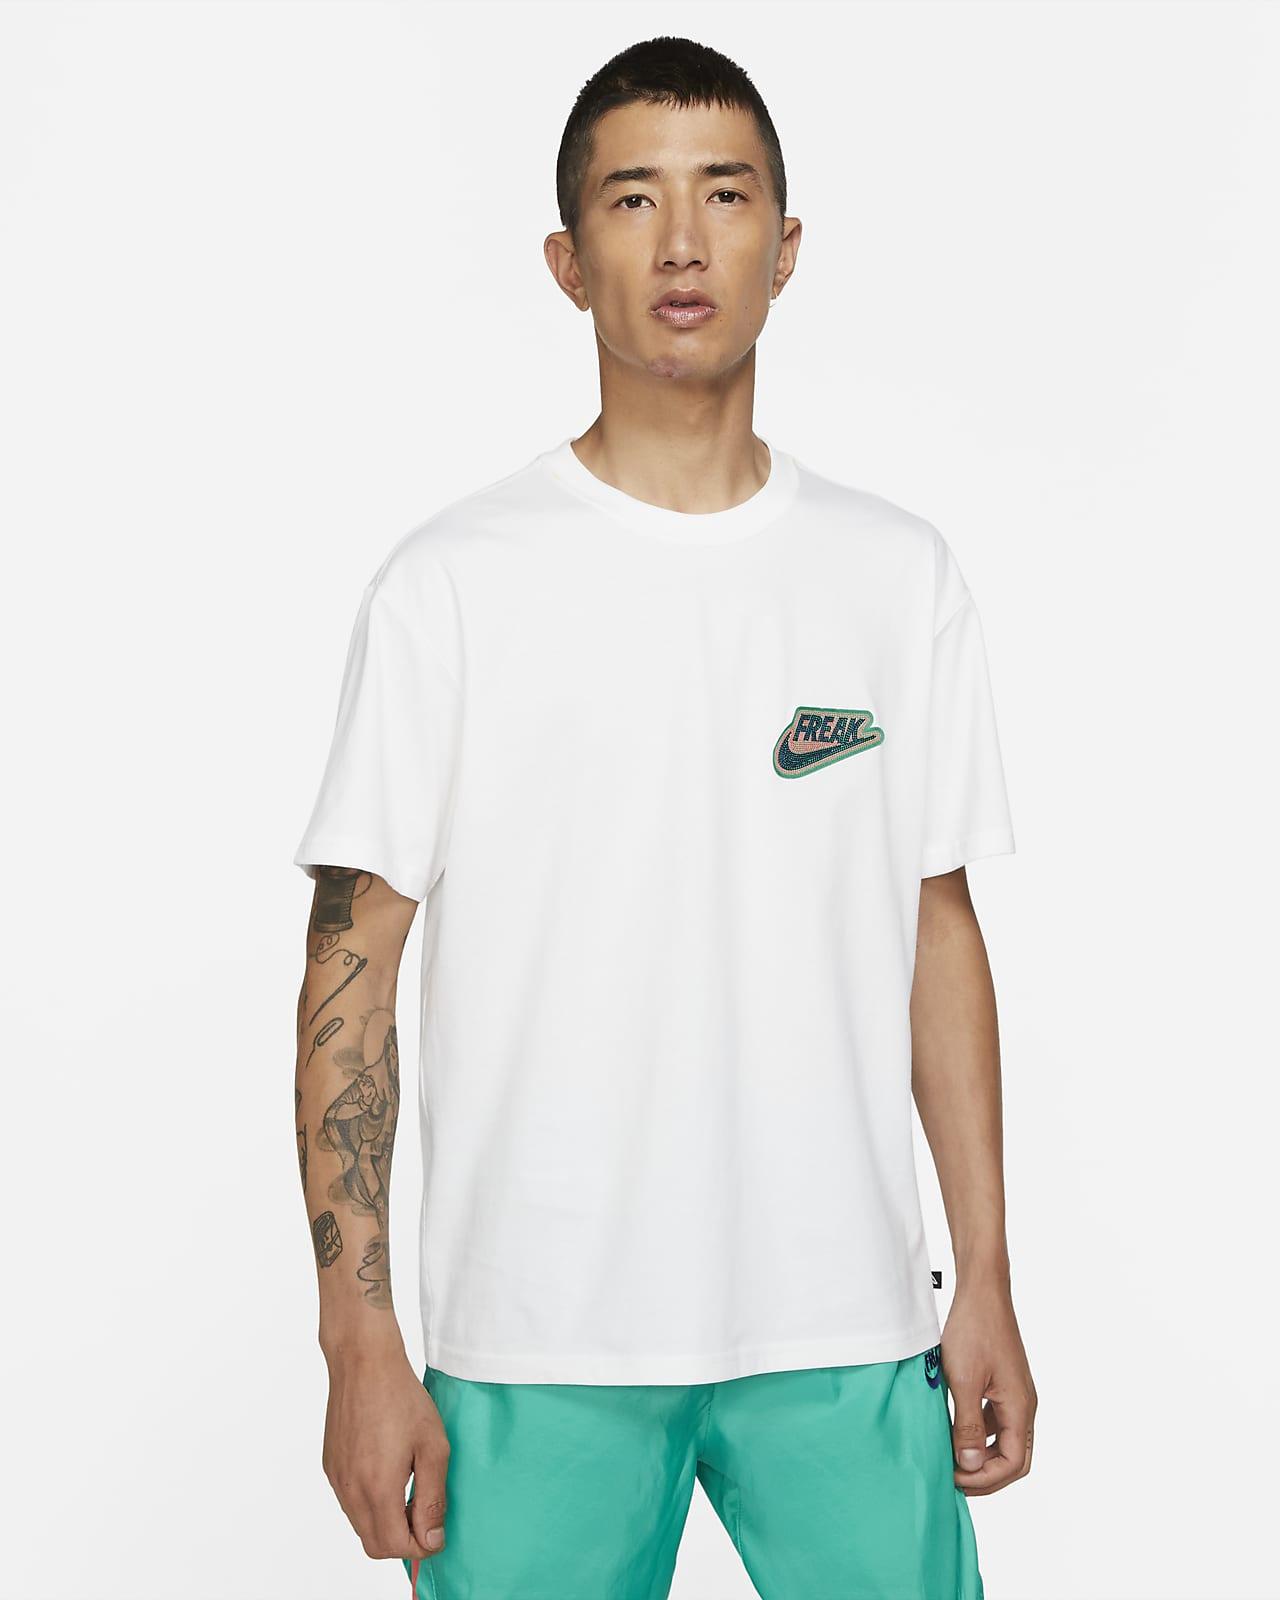 """ヤニス """"Freak"""" メンズ プレミアム バスケットボール Tシャツ"""